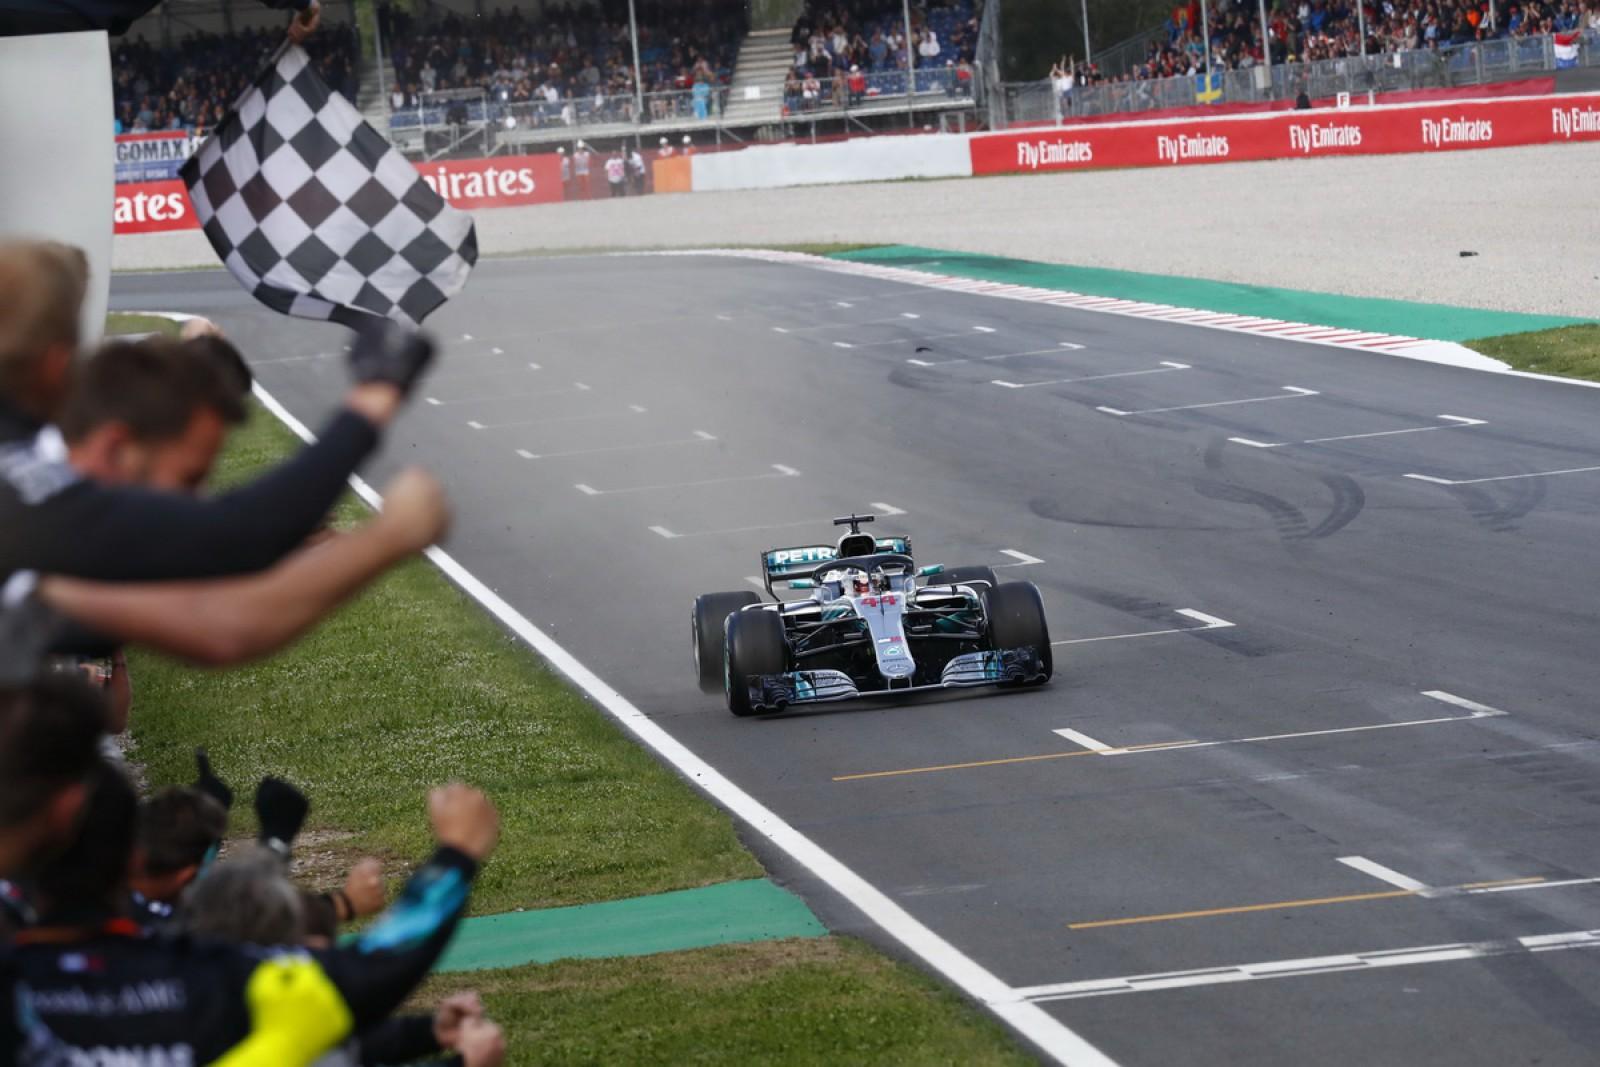 (video) Marele Premiu al Spaniei. Lewis Hamilton şi echipa sa se distanțează de rivalii de la Ferrari